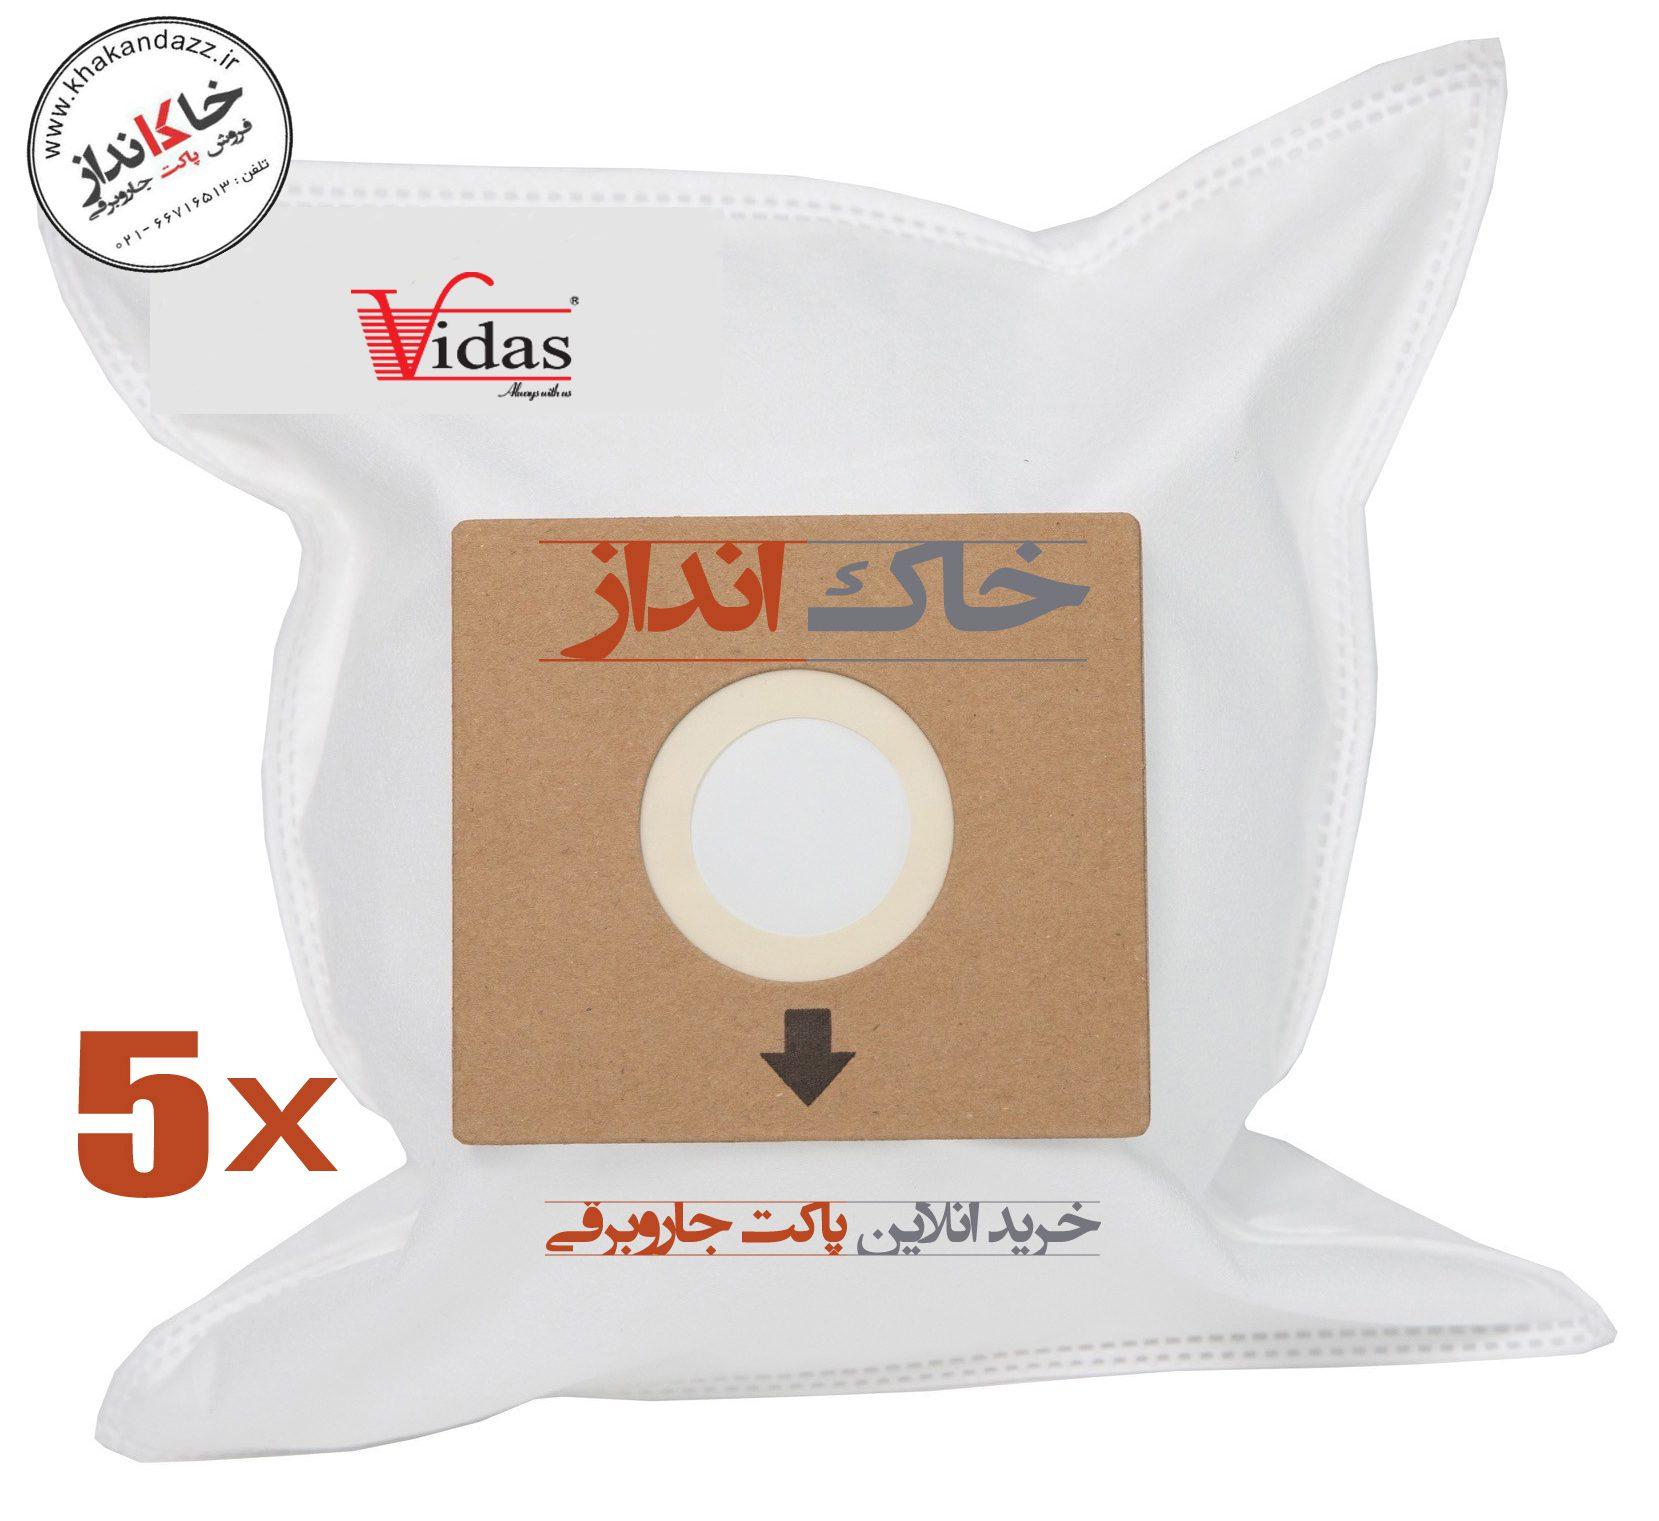 پاکت جاروبرقی ویداس Vacuum Cleaner Dust Bag vidas ارسال رایگان